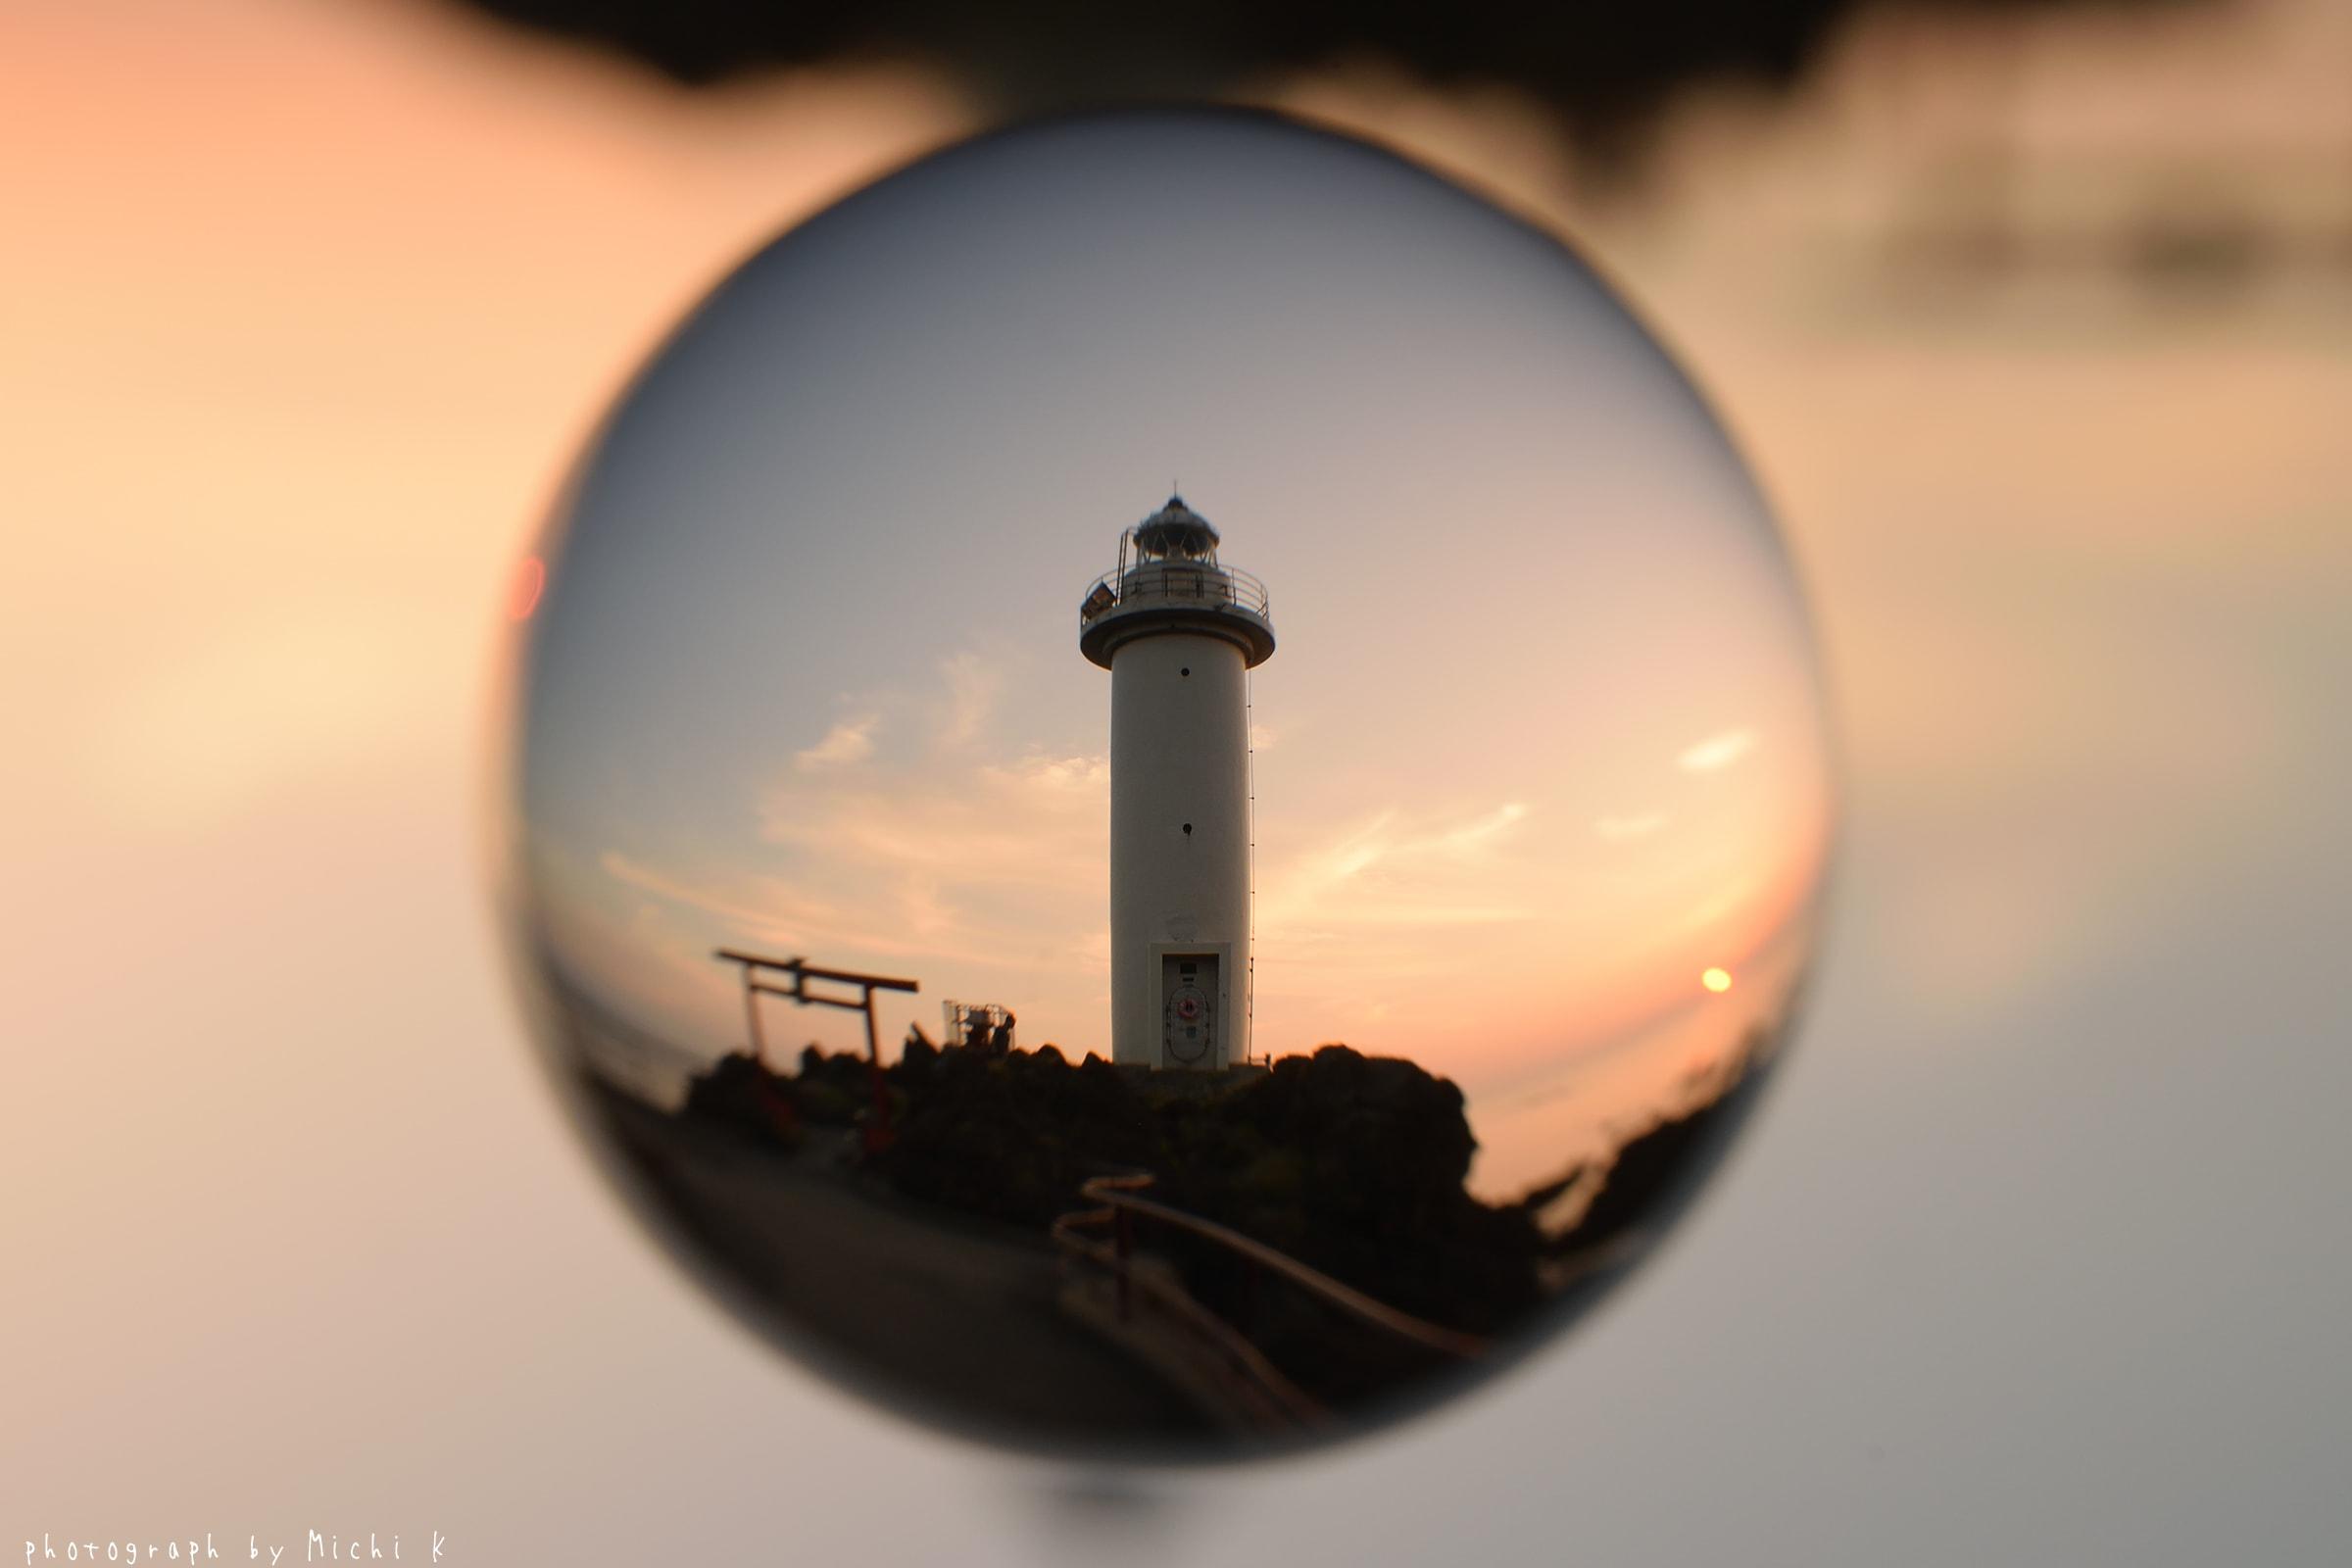 鶴岡市・鼠ヶ関灯台(写真その1)